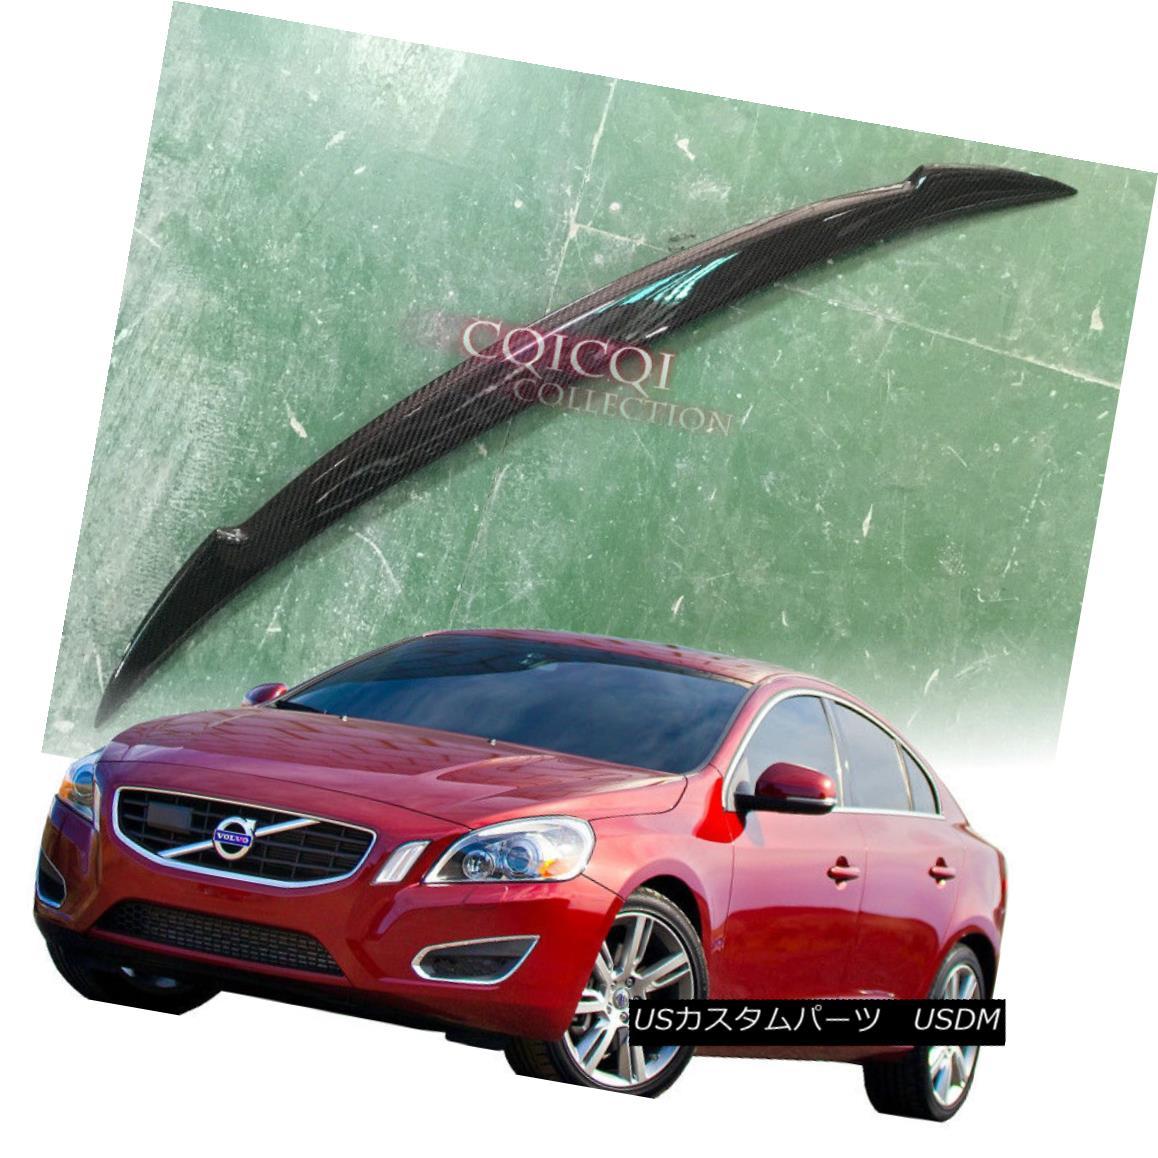 エアロパーツ Carbon Fiber Volvo 11~17 S60 sedan T3 T4 T5 T6 D3 D4 D5 V type trunk spoiler ◎ 炭素繊維ボルボ11?17 S60セダンT3 T4 T5 T6 D3 D4 D5 V型トランク・スポイラー?